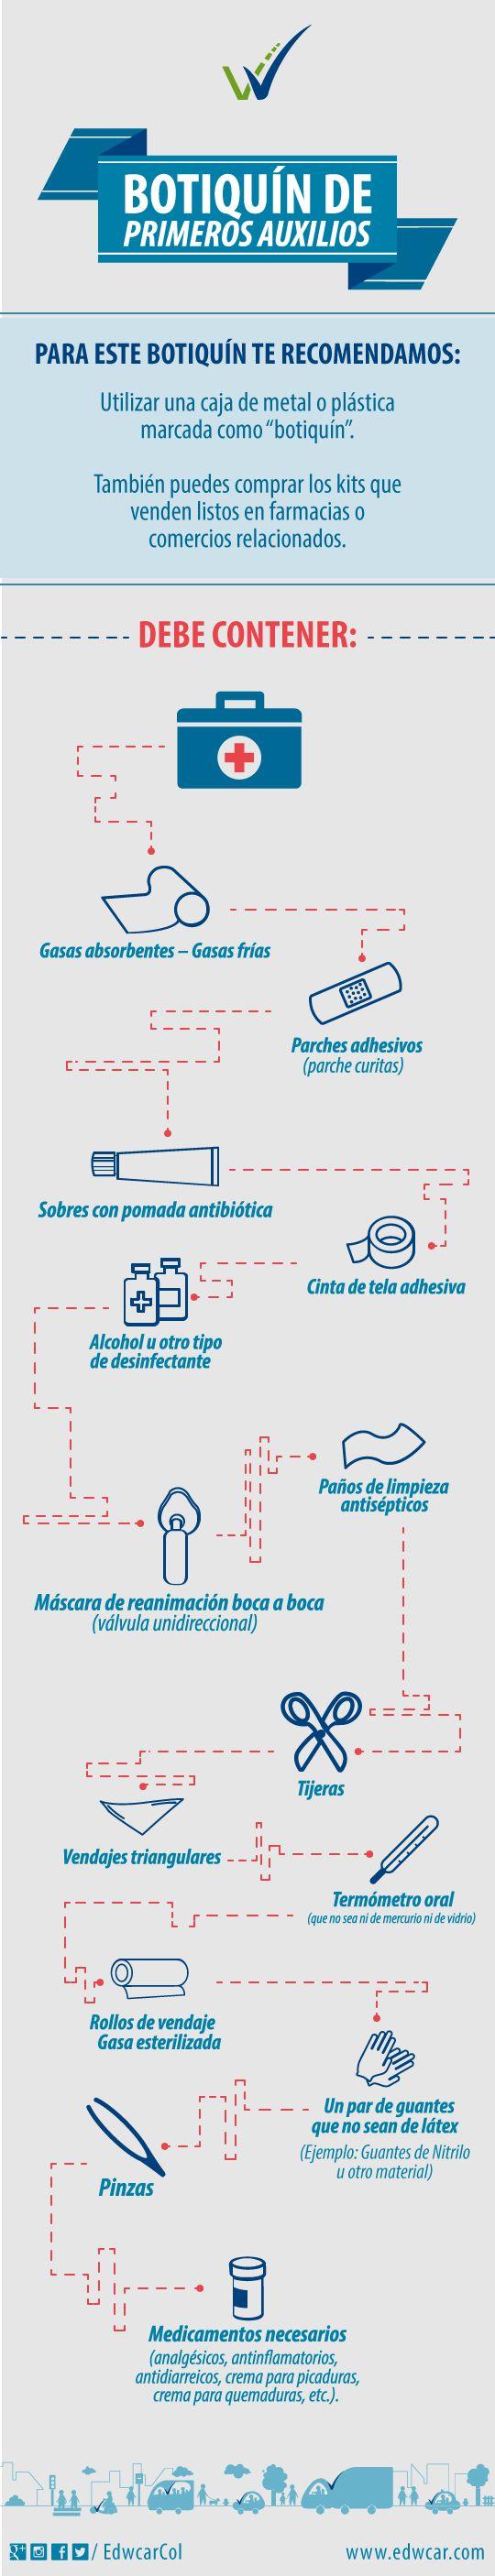 Botiquín de primeros auxilios para la #VidaEnLaVía. Conducir Carretera Trip Driving Health